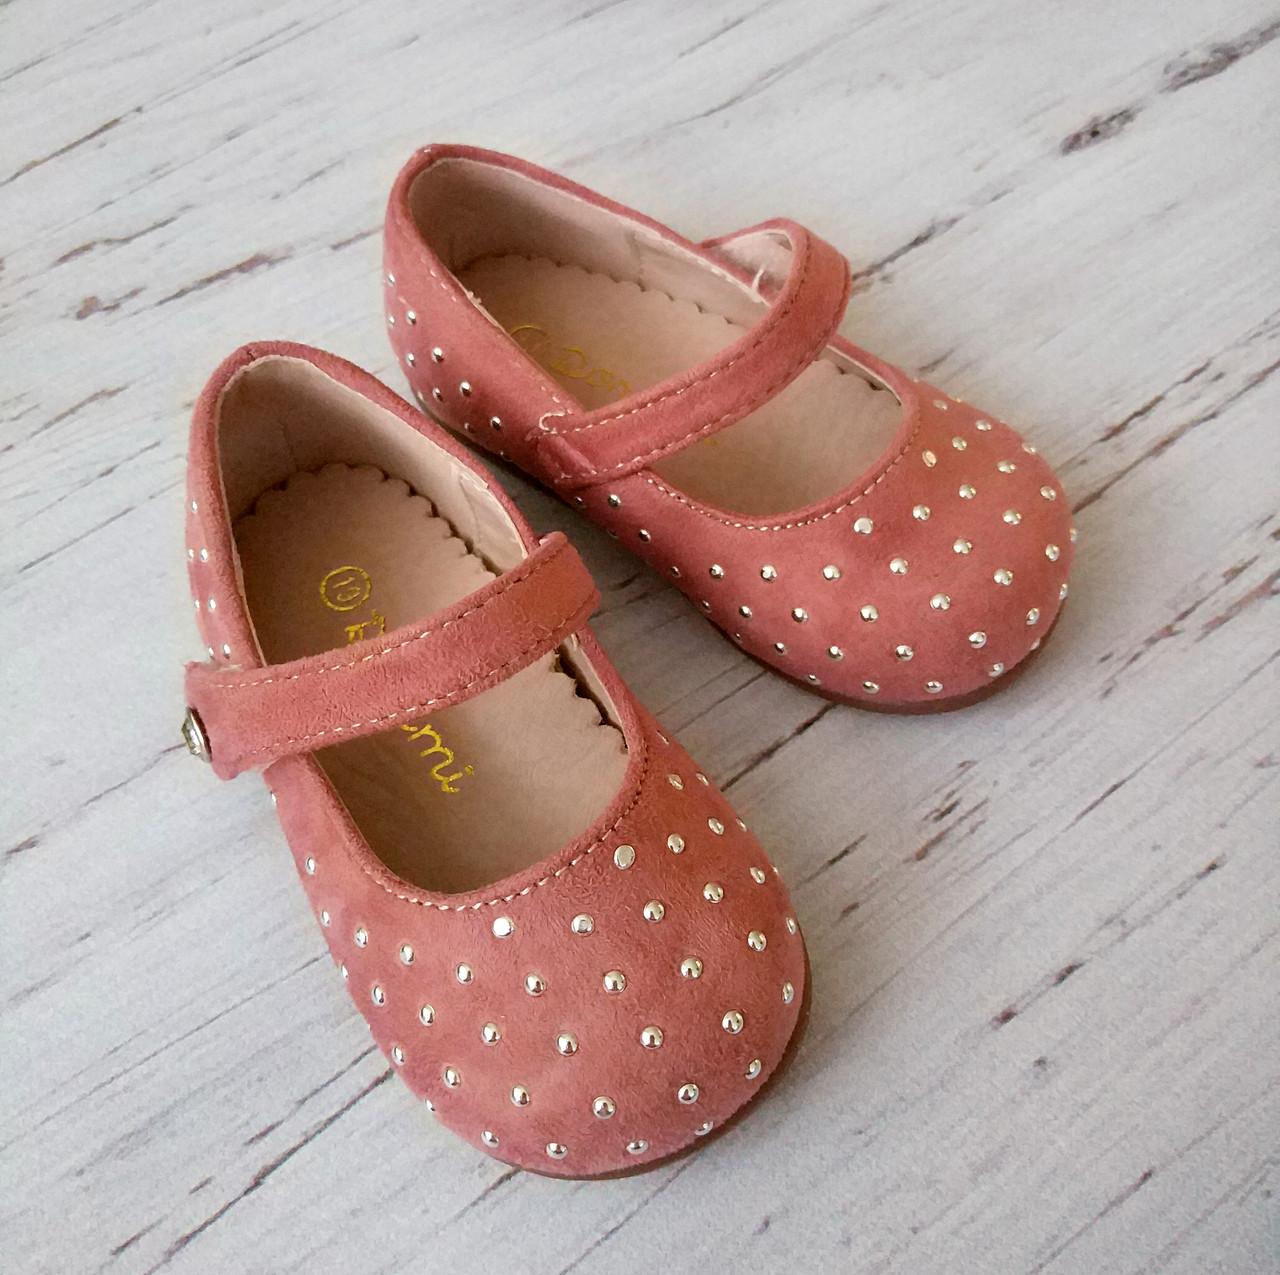 Обувь для девочек, детские туфли розовые, Doremi